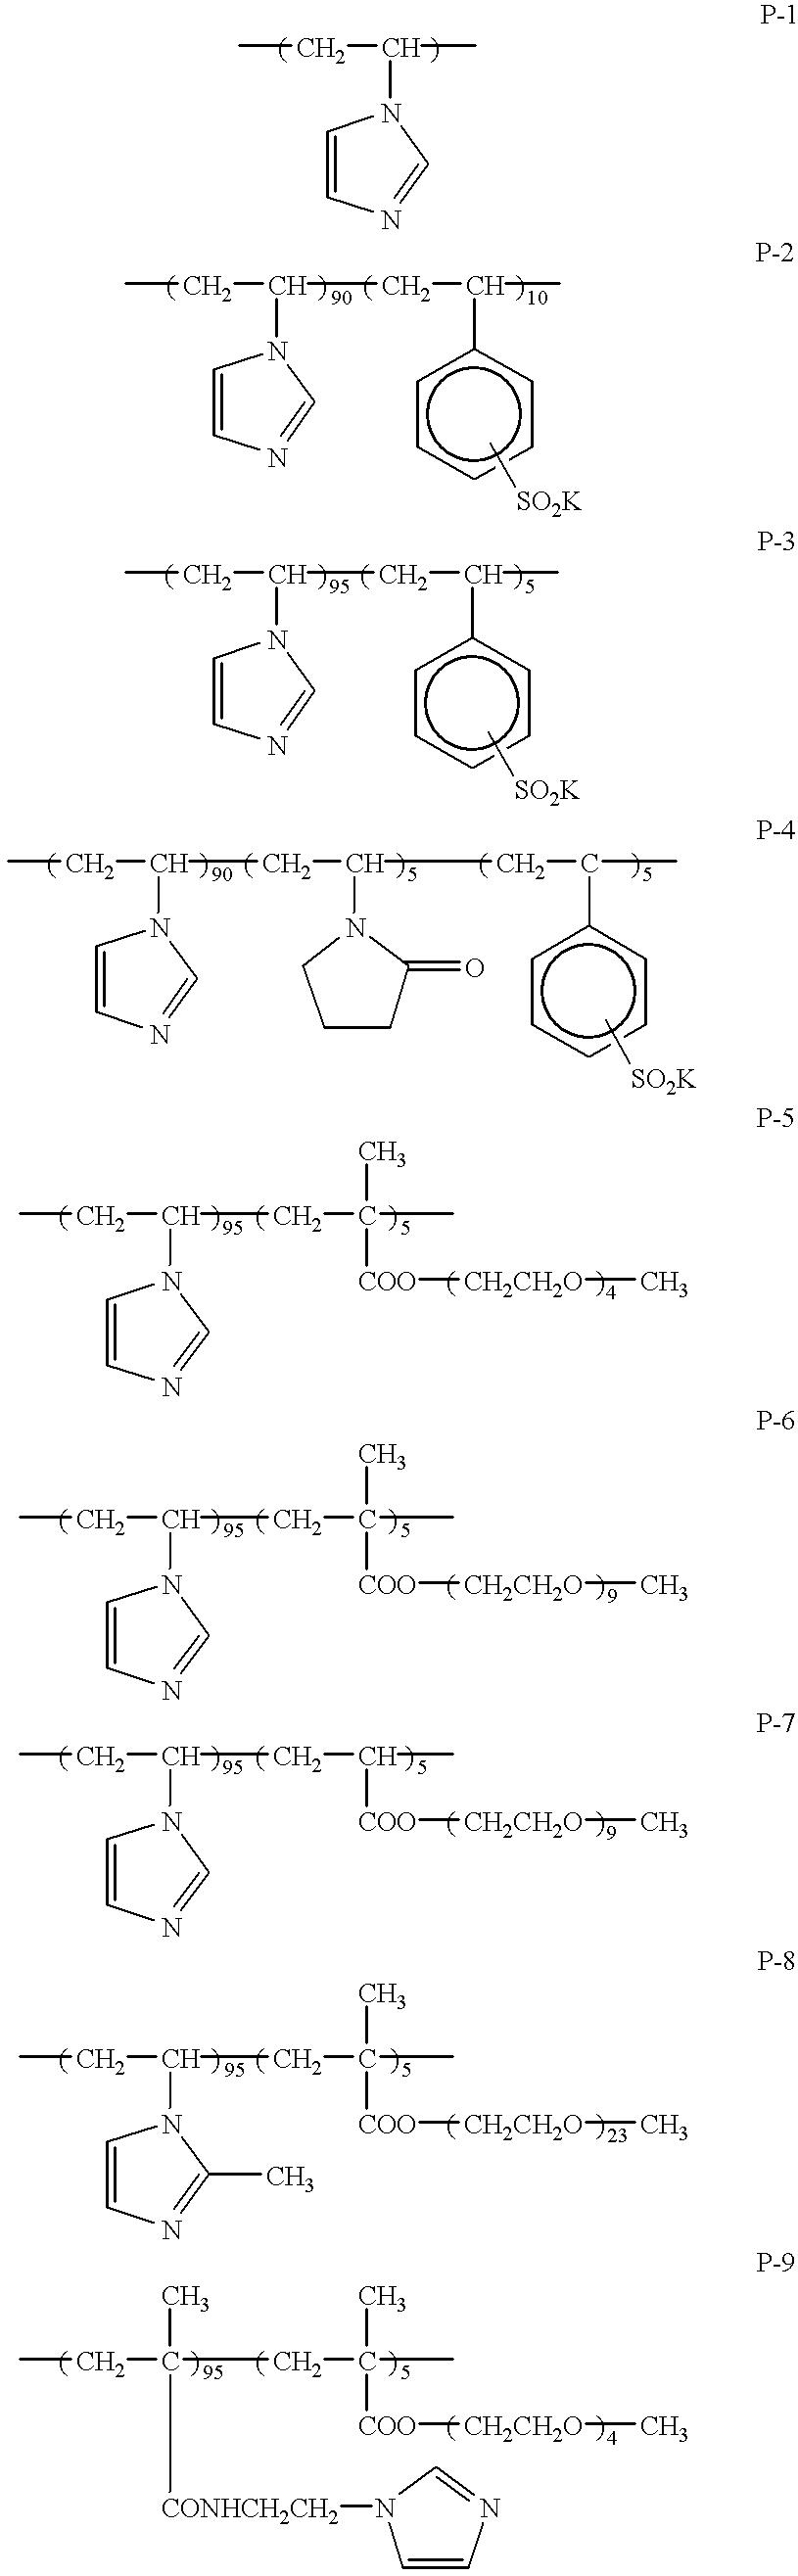 Figure US06183851-20010206-C00005